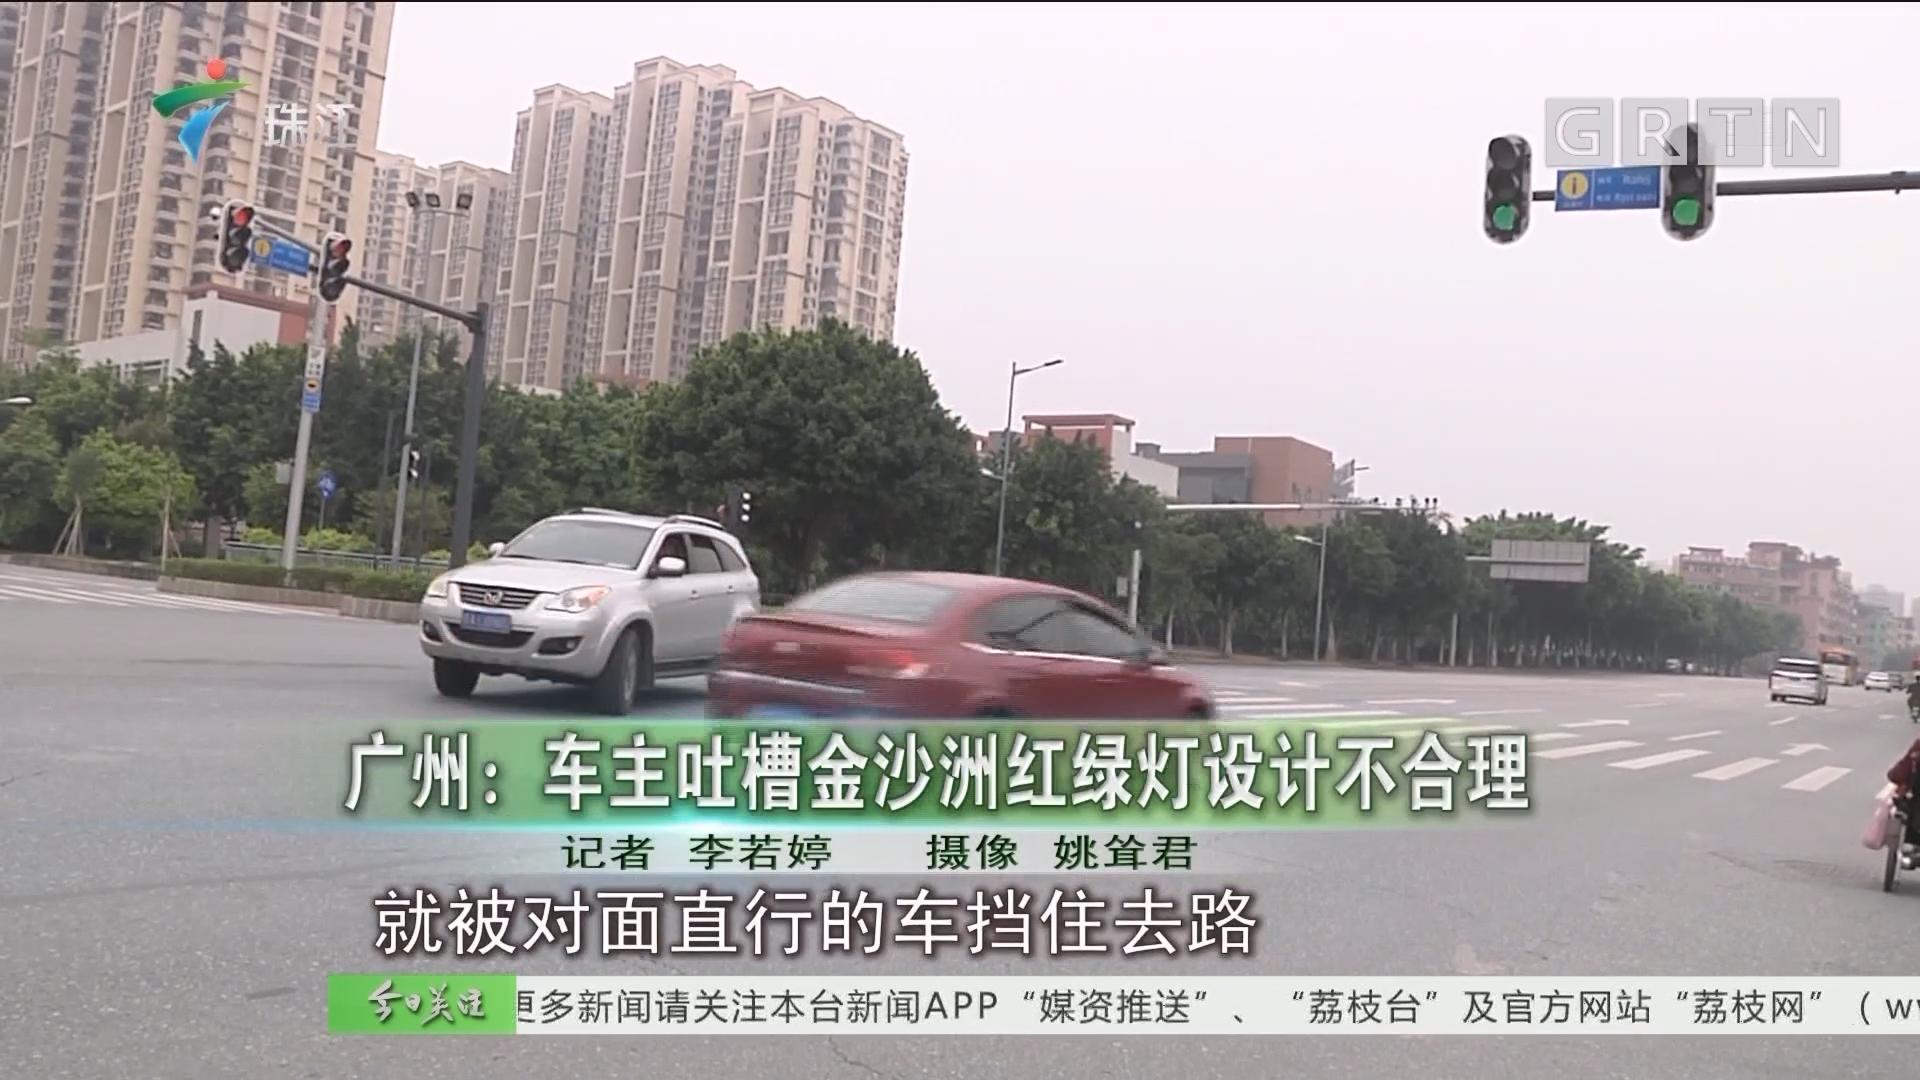 广州:车主吐槽金沙洲红绿灯设计不合理